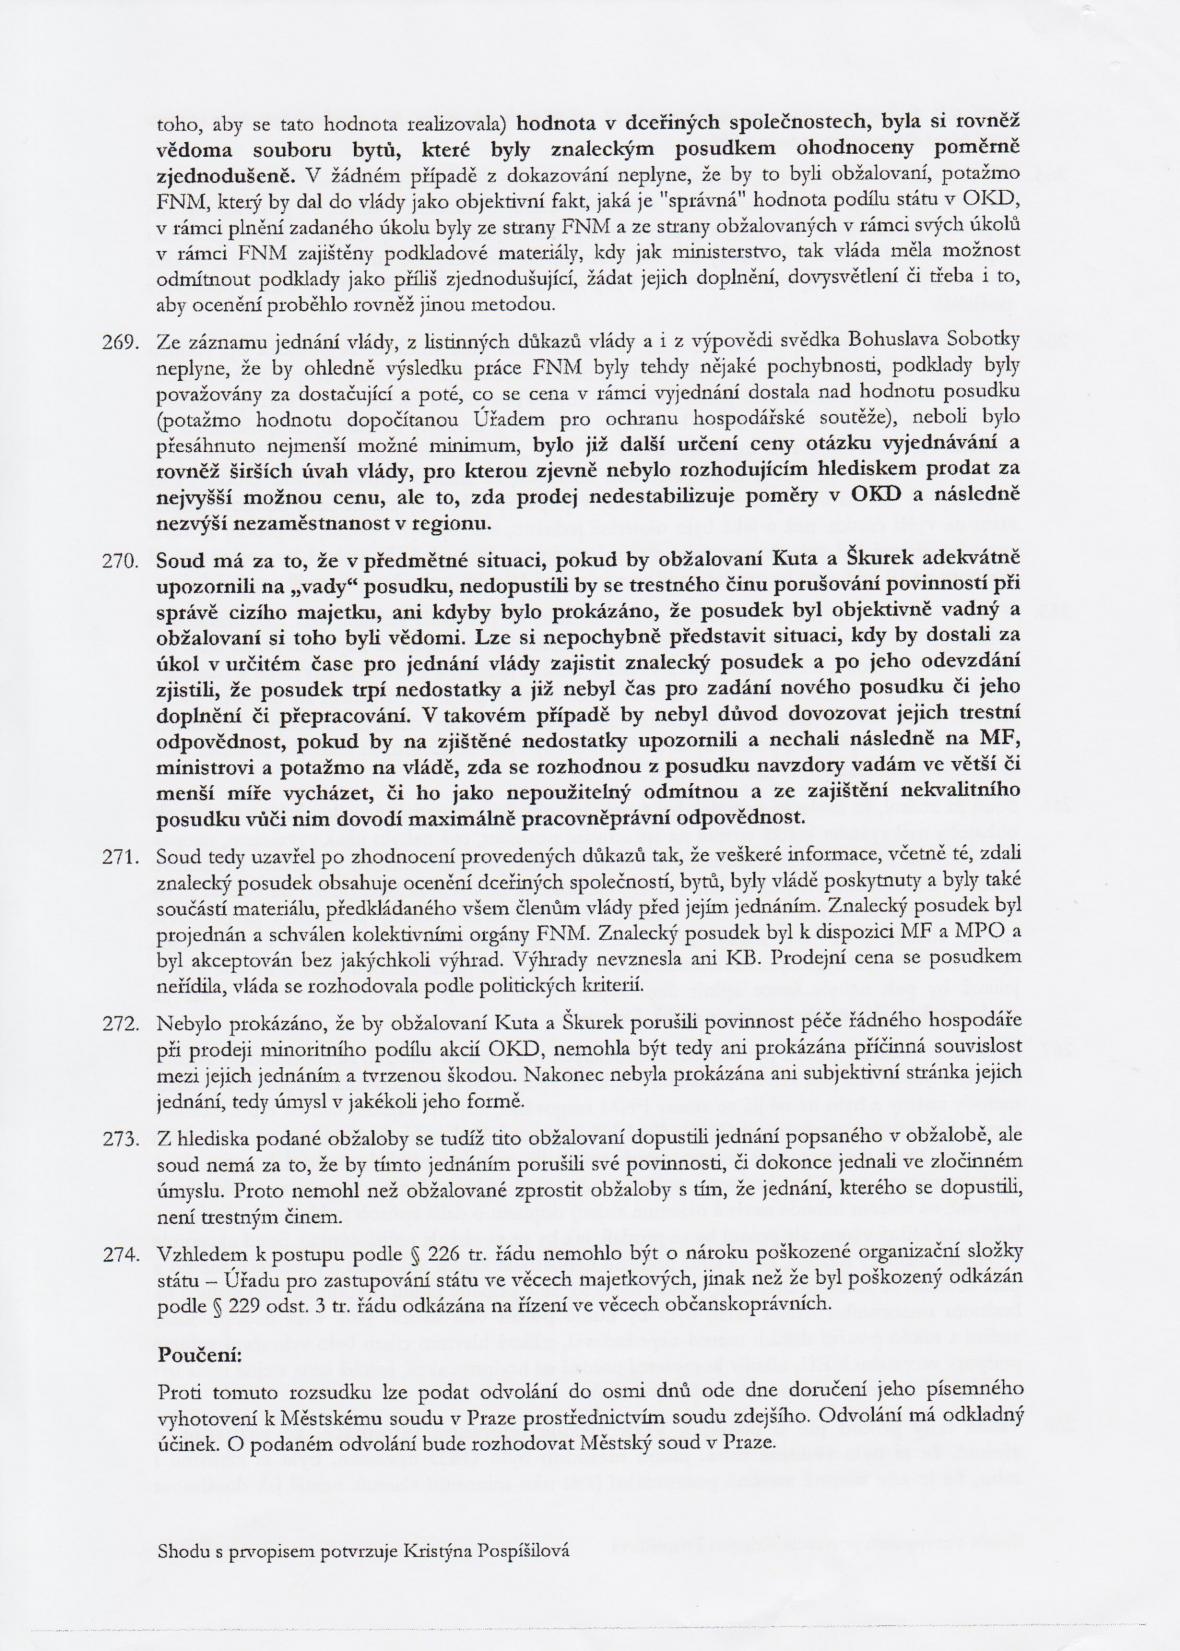 Rozsudek v kauze OKD – strana 36